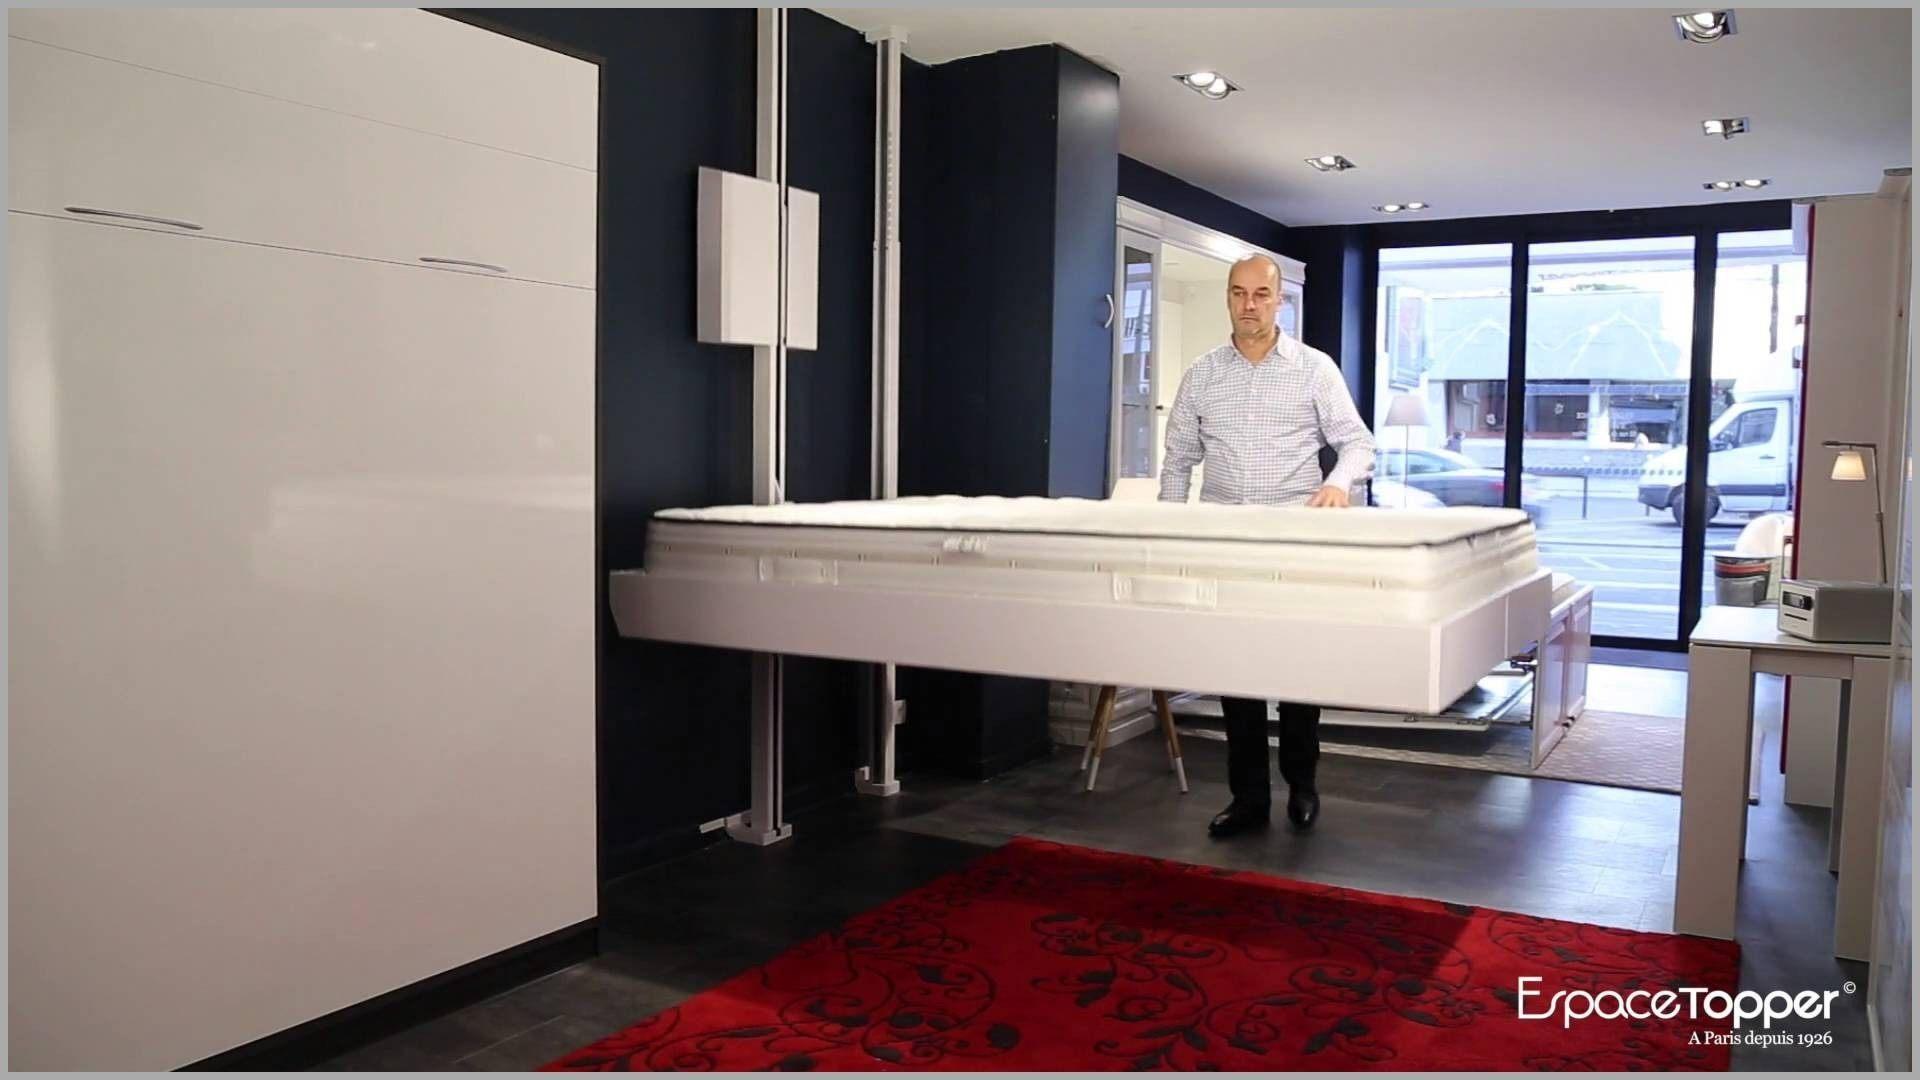 Lit Escamotable Ikea Frais Entra Nant Lit Armoire 2 Places Sur Unité Tv Mural Dissimule Lit